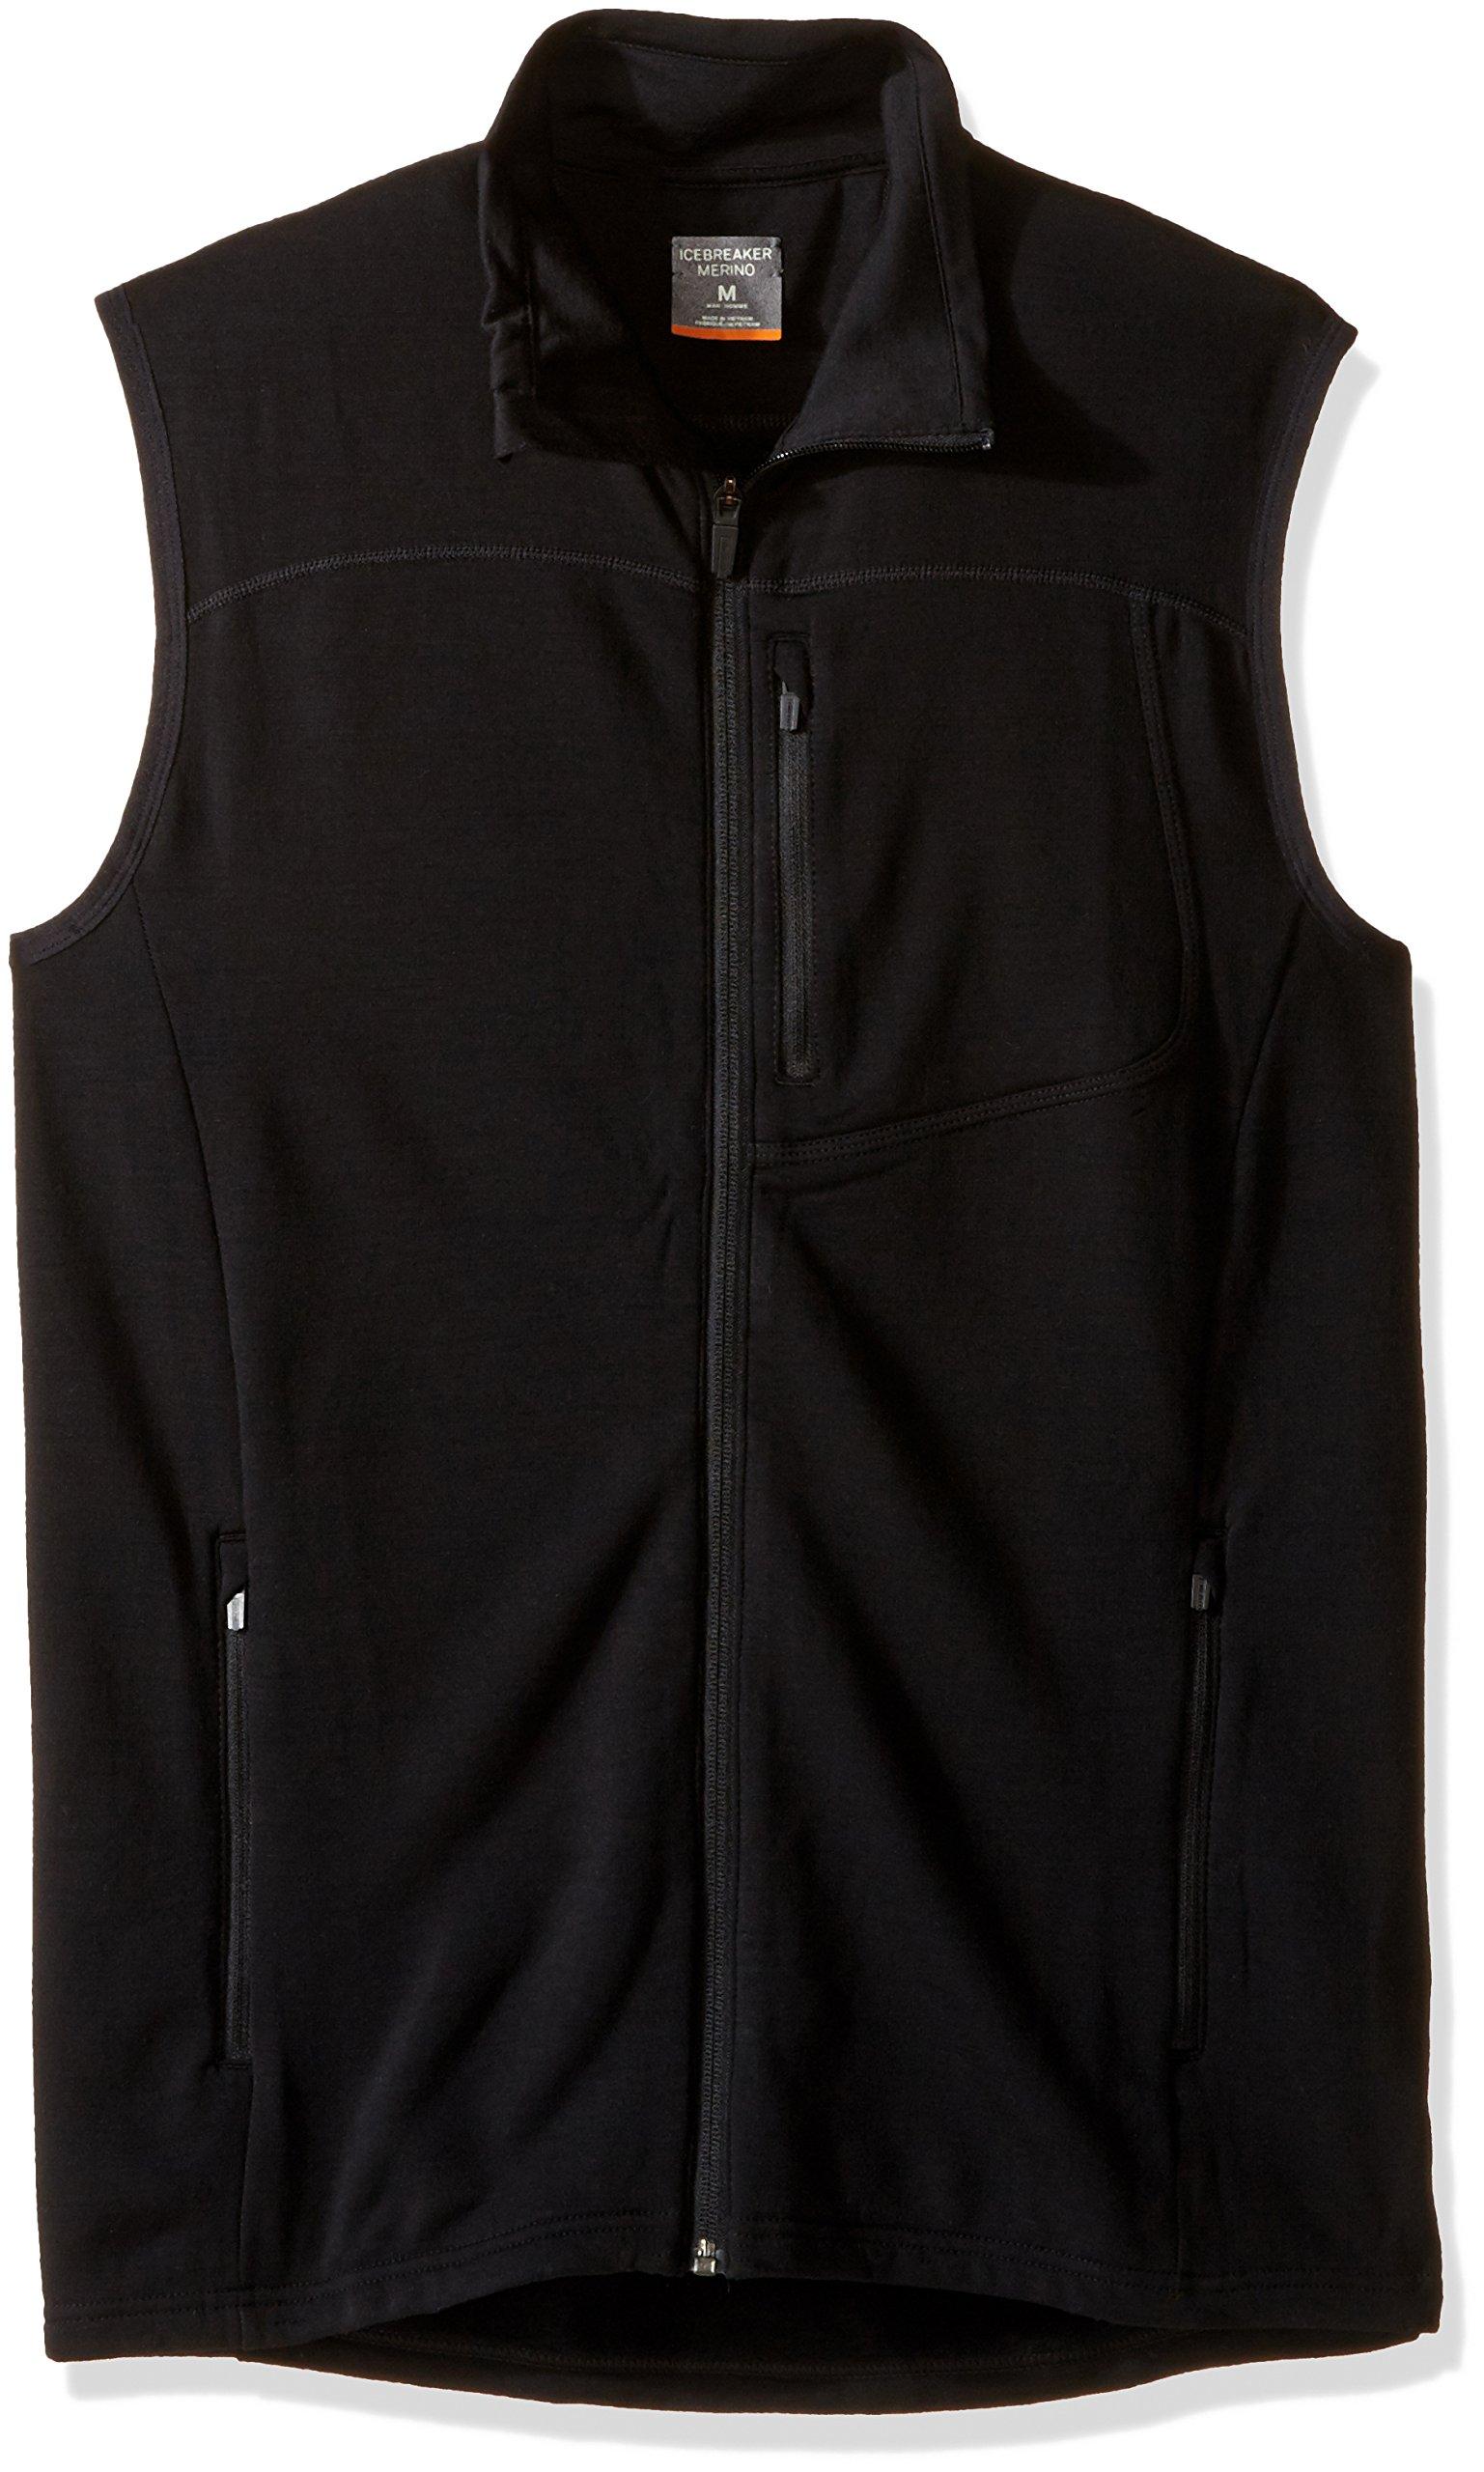 Icebreaker Merino Men's Mt. Elliot Vest, Black, X-Large